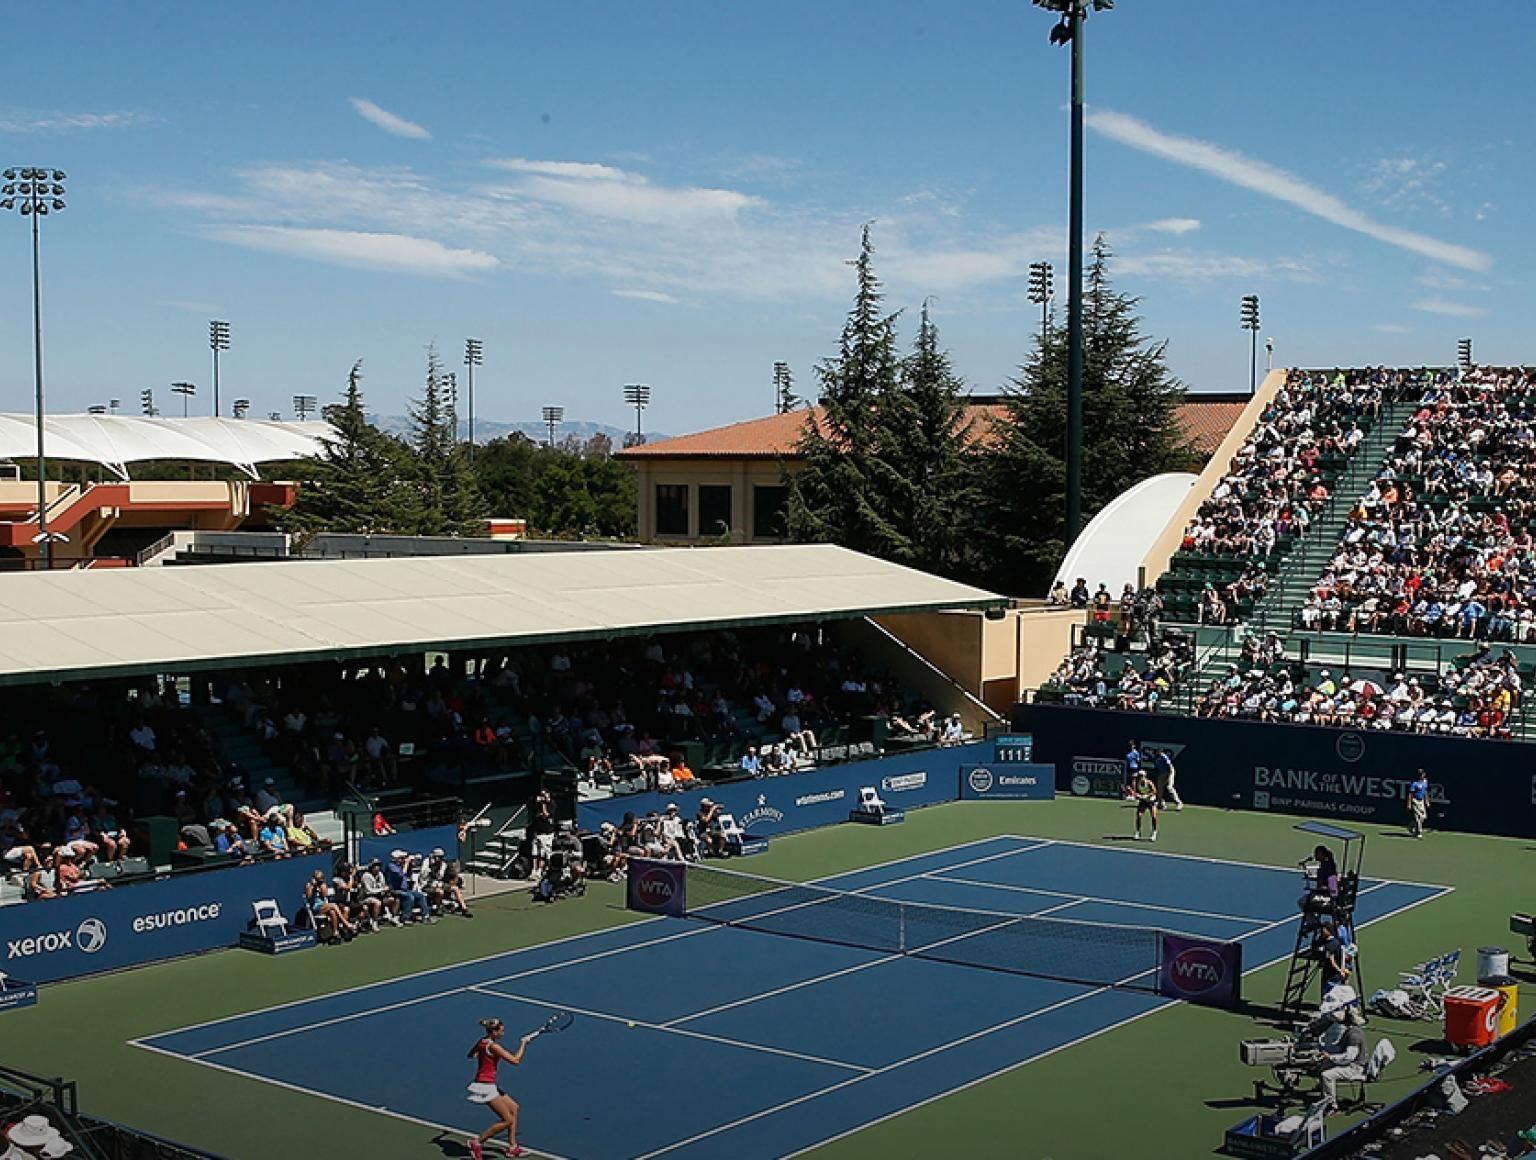 Addio al torneo WTA di Stanford. L'Università non vuole più il torneo